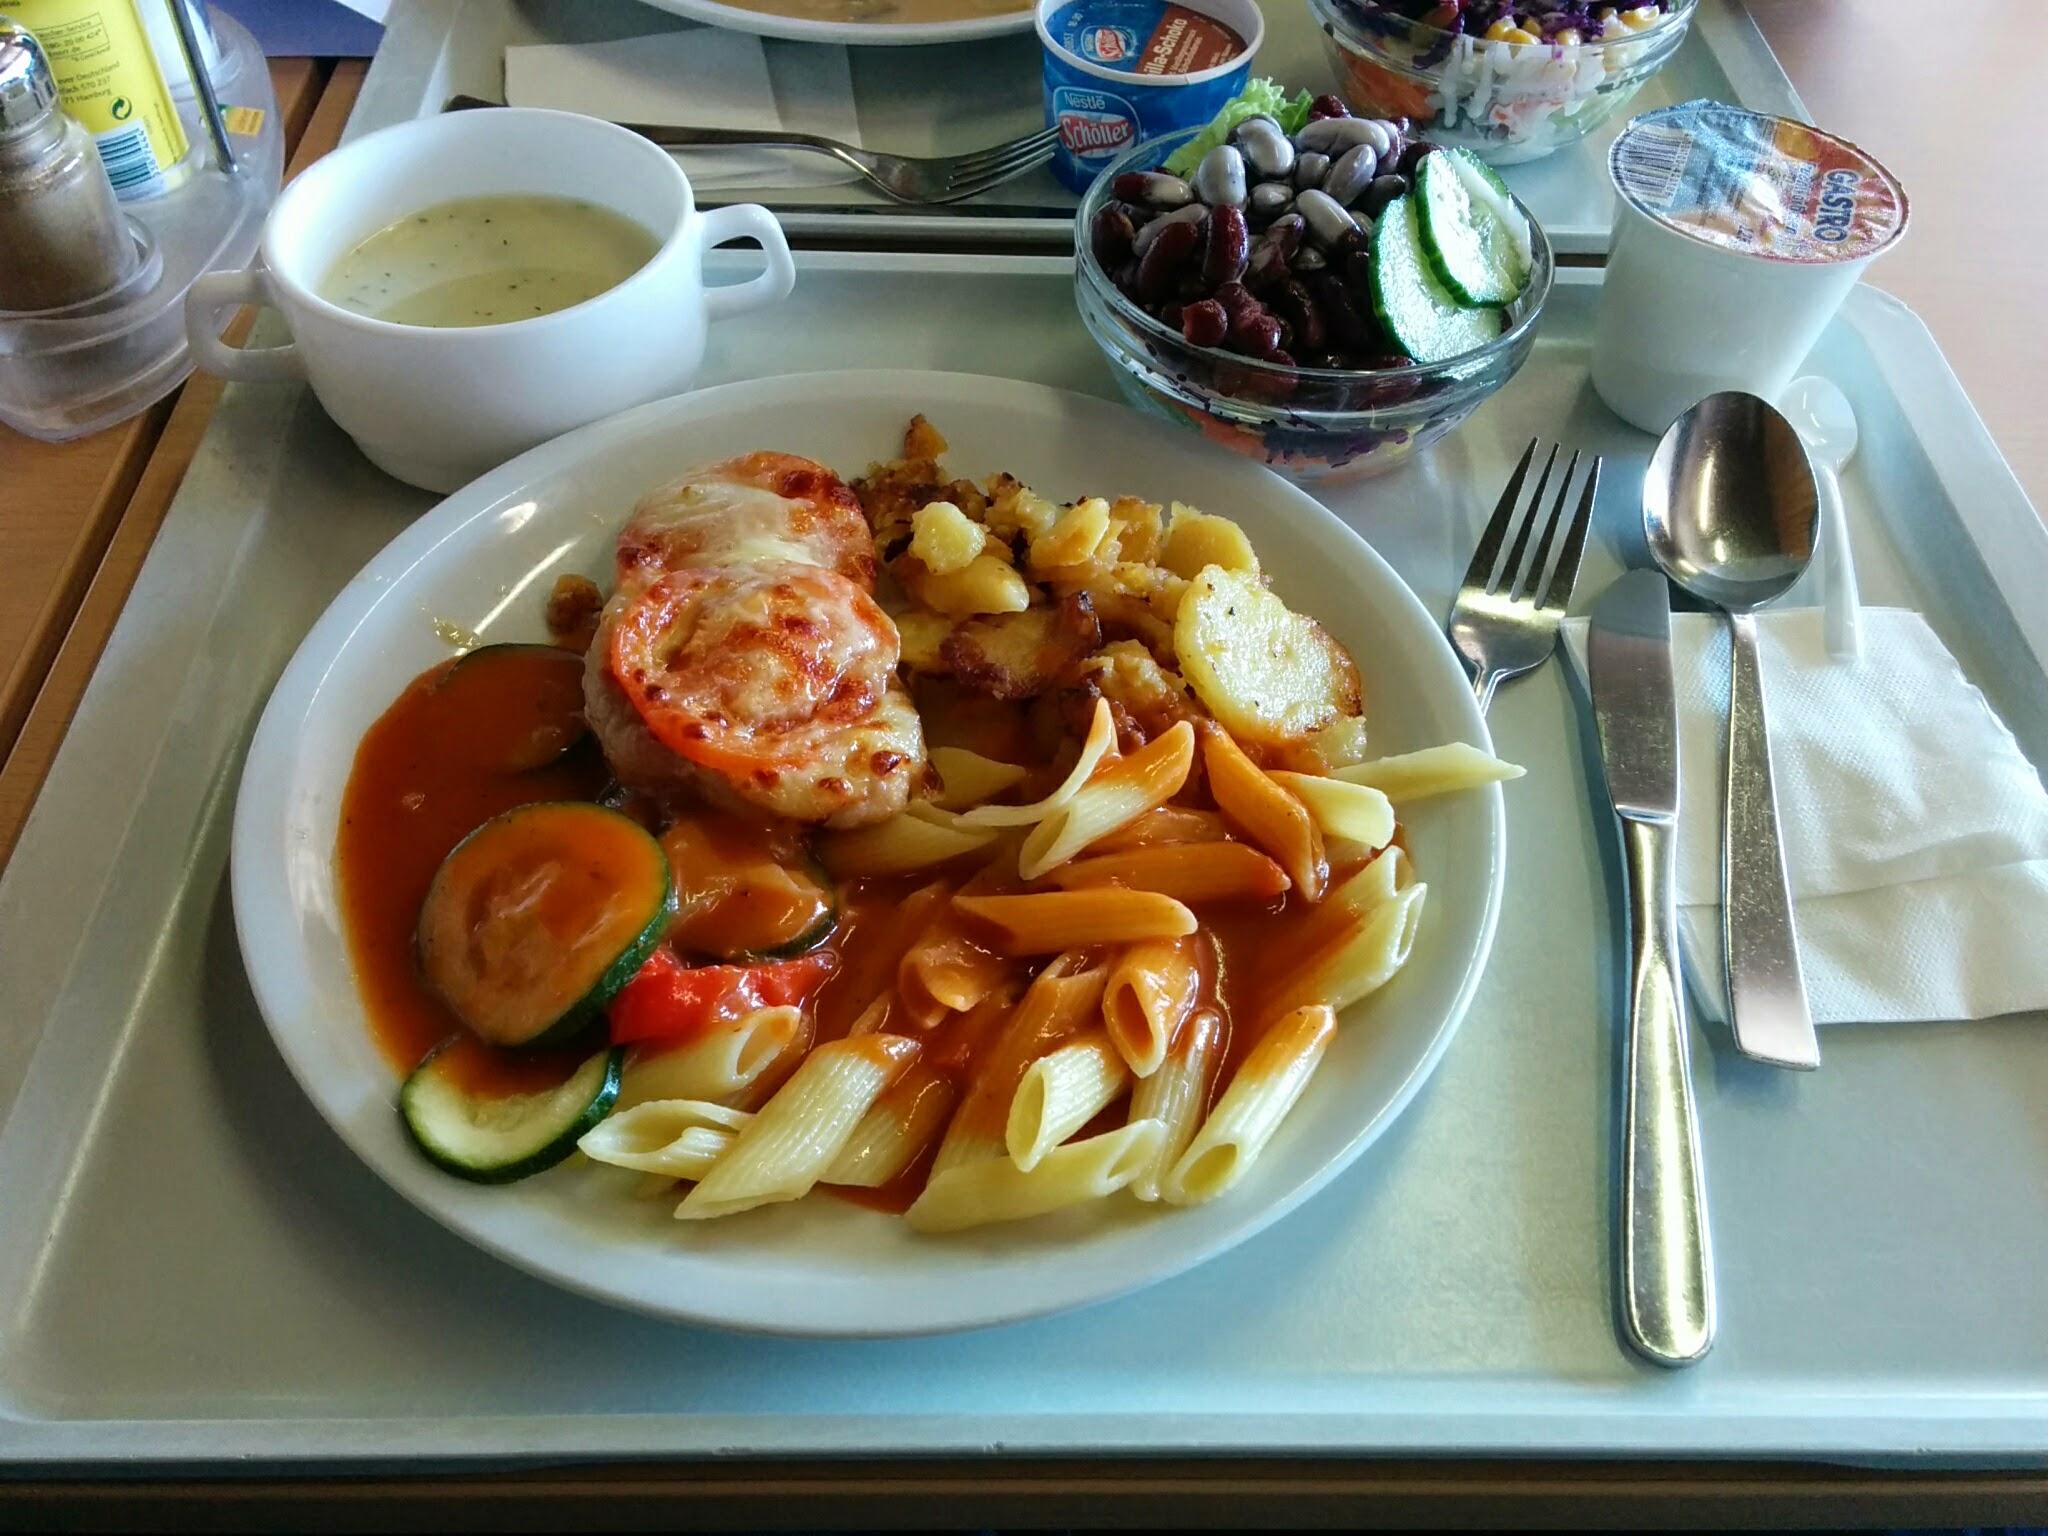 https://foodloader.net/nico_2014-04-17_putensteak-mit-nudeln-und-bratkartoffeln-suppe-salat-und-joghurt.jpg